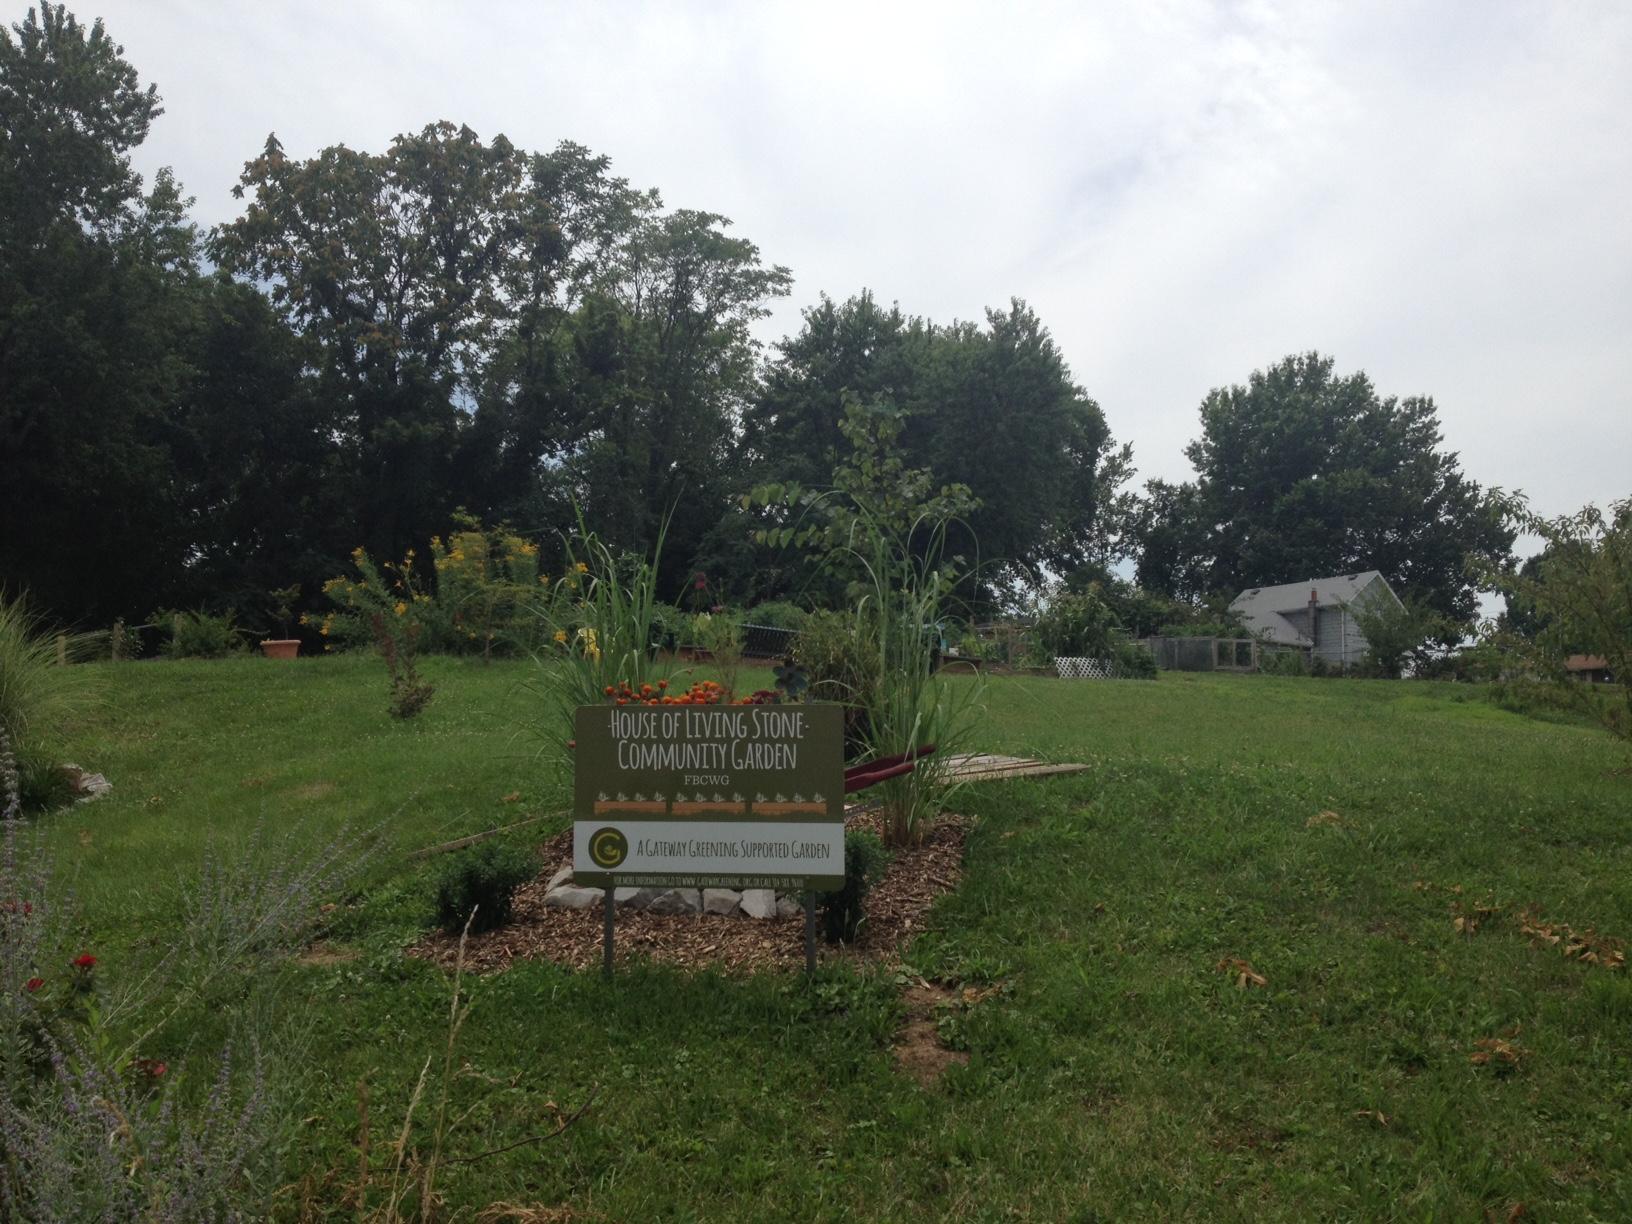 House of Living Stone Community Garden